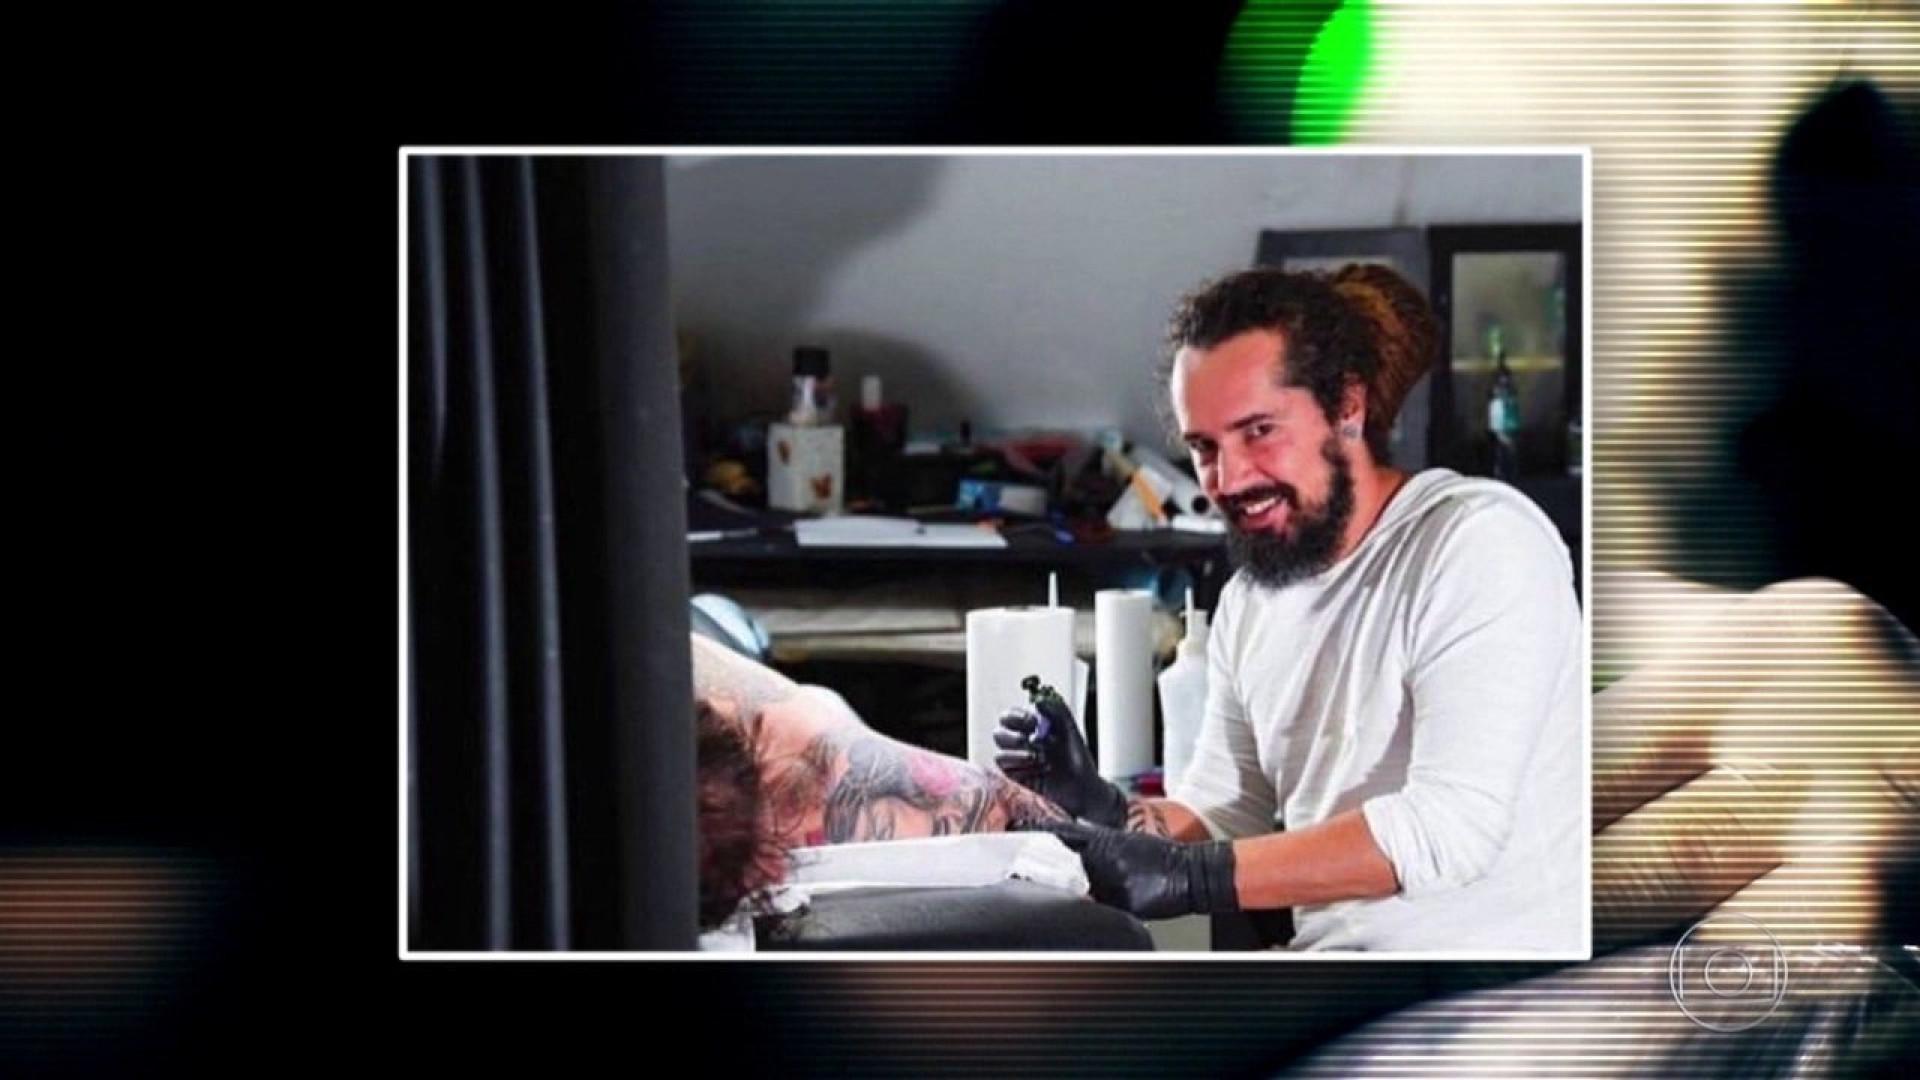 'Ele pegava na minha bunda', relata vítima de tatuador de BH